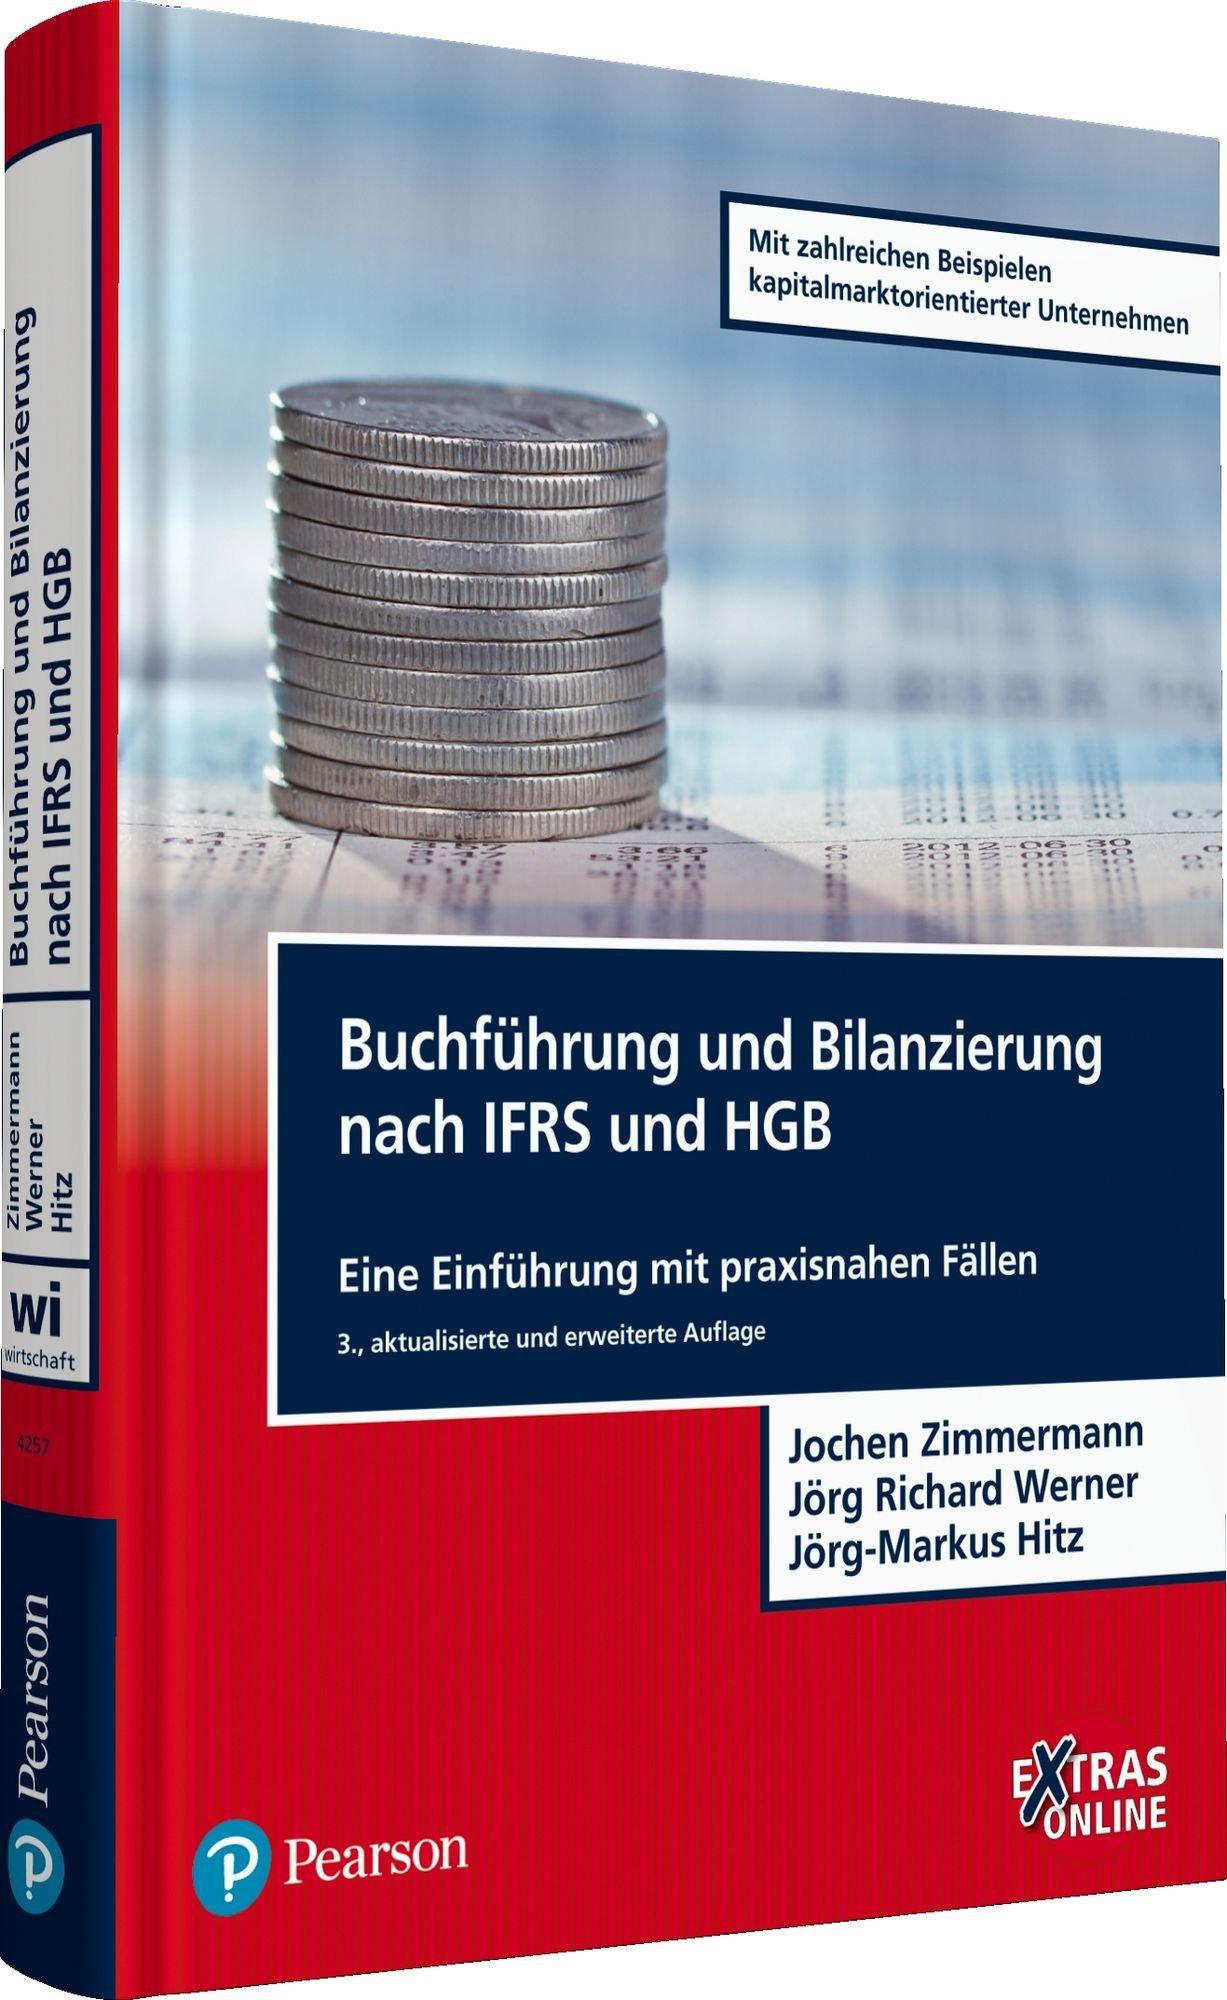 Buchführung und Bilanzierung nach IFRS und HGB: Eine Einführung mit praxisnahen Fällen (Pearson Studium - Economic BWL) Gebundenes Buch – 1. November 2014 Prof. Dr. Jochen Zimmermann Dr. Jörg Richard Werner Prof. Dr. Jörg-Markus Hitz 3868942572